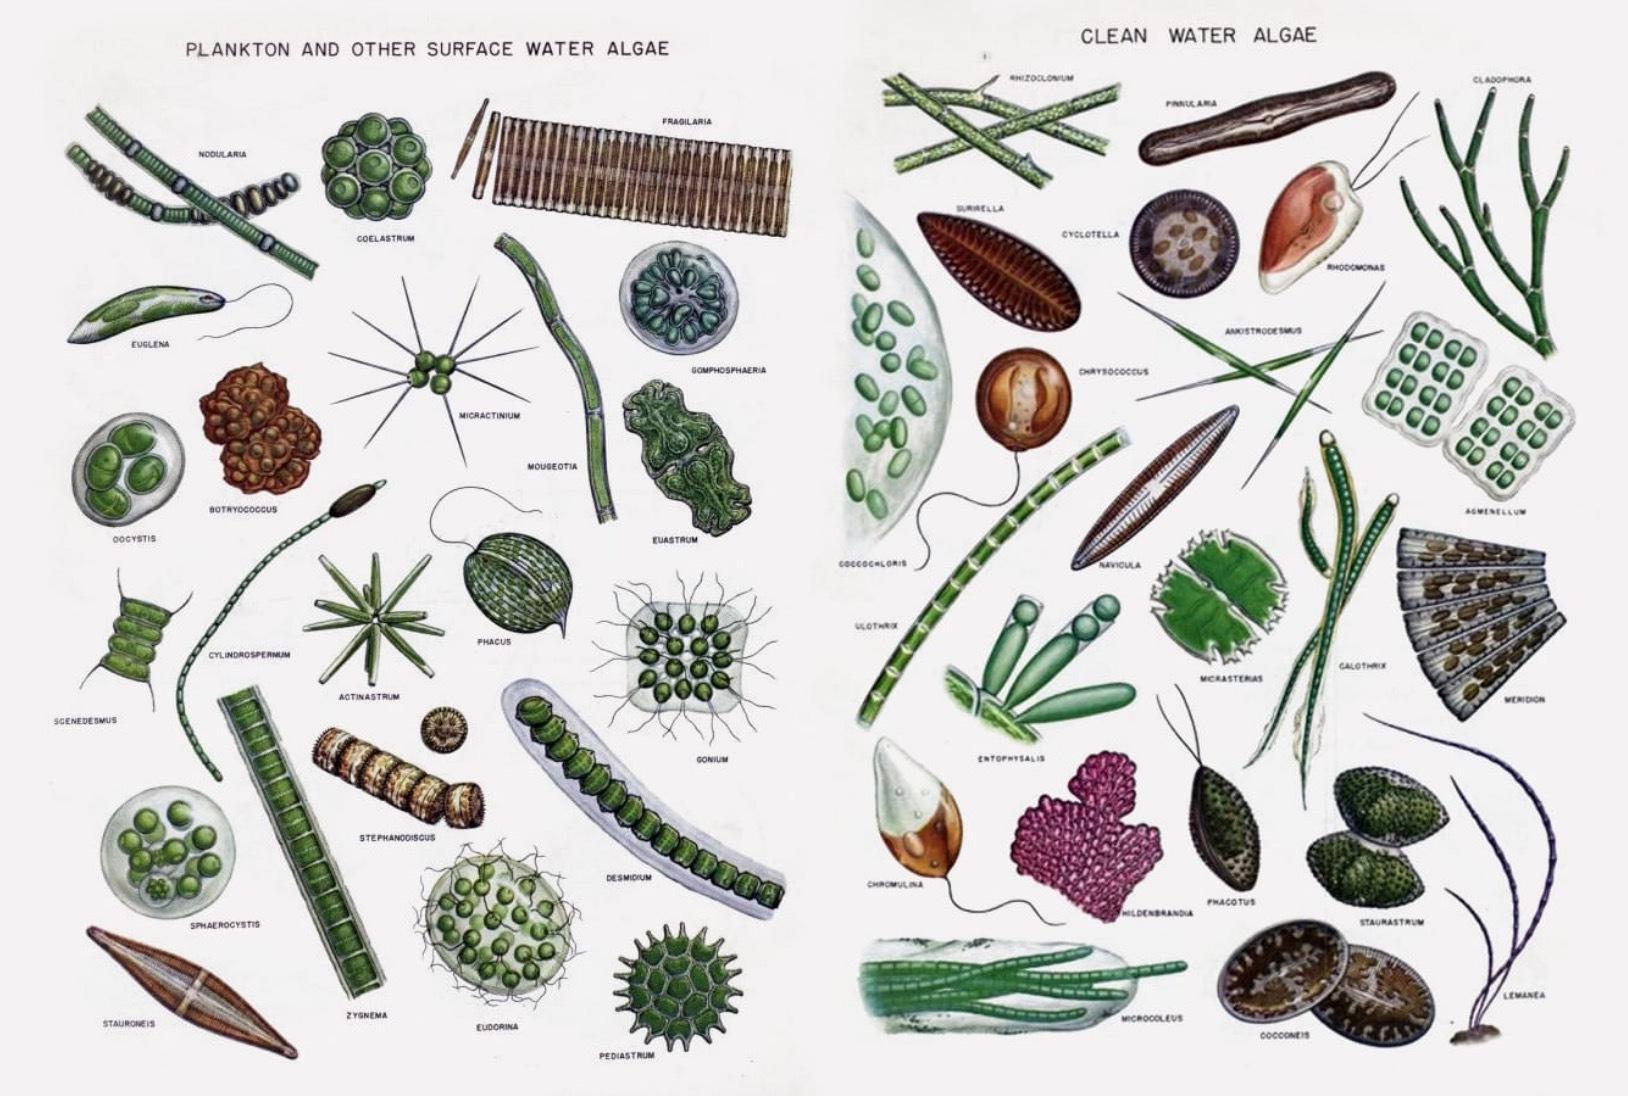 På algfarmen kan du få inblick i vilka alger som är mest nyttiga för organismen och på vilket sätt- Bild från Simris Alg